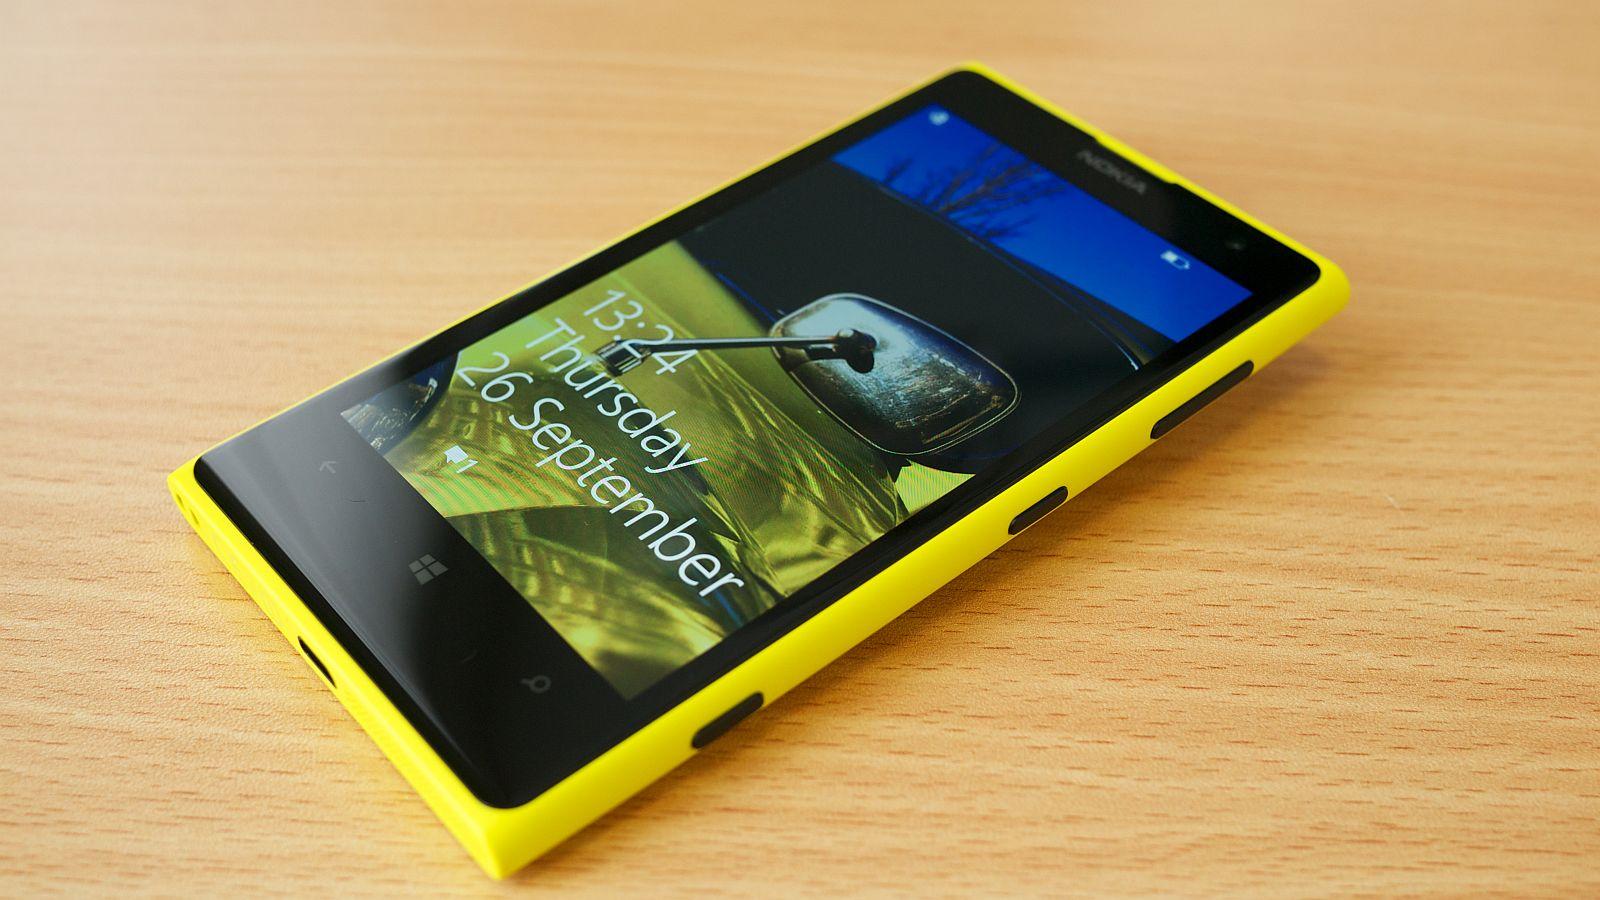 Nokia Lumia 1020 Karlis Dembrans